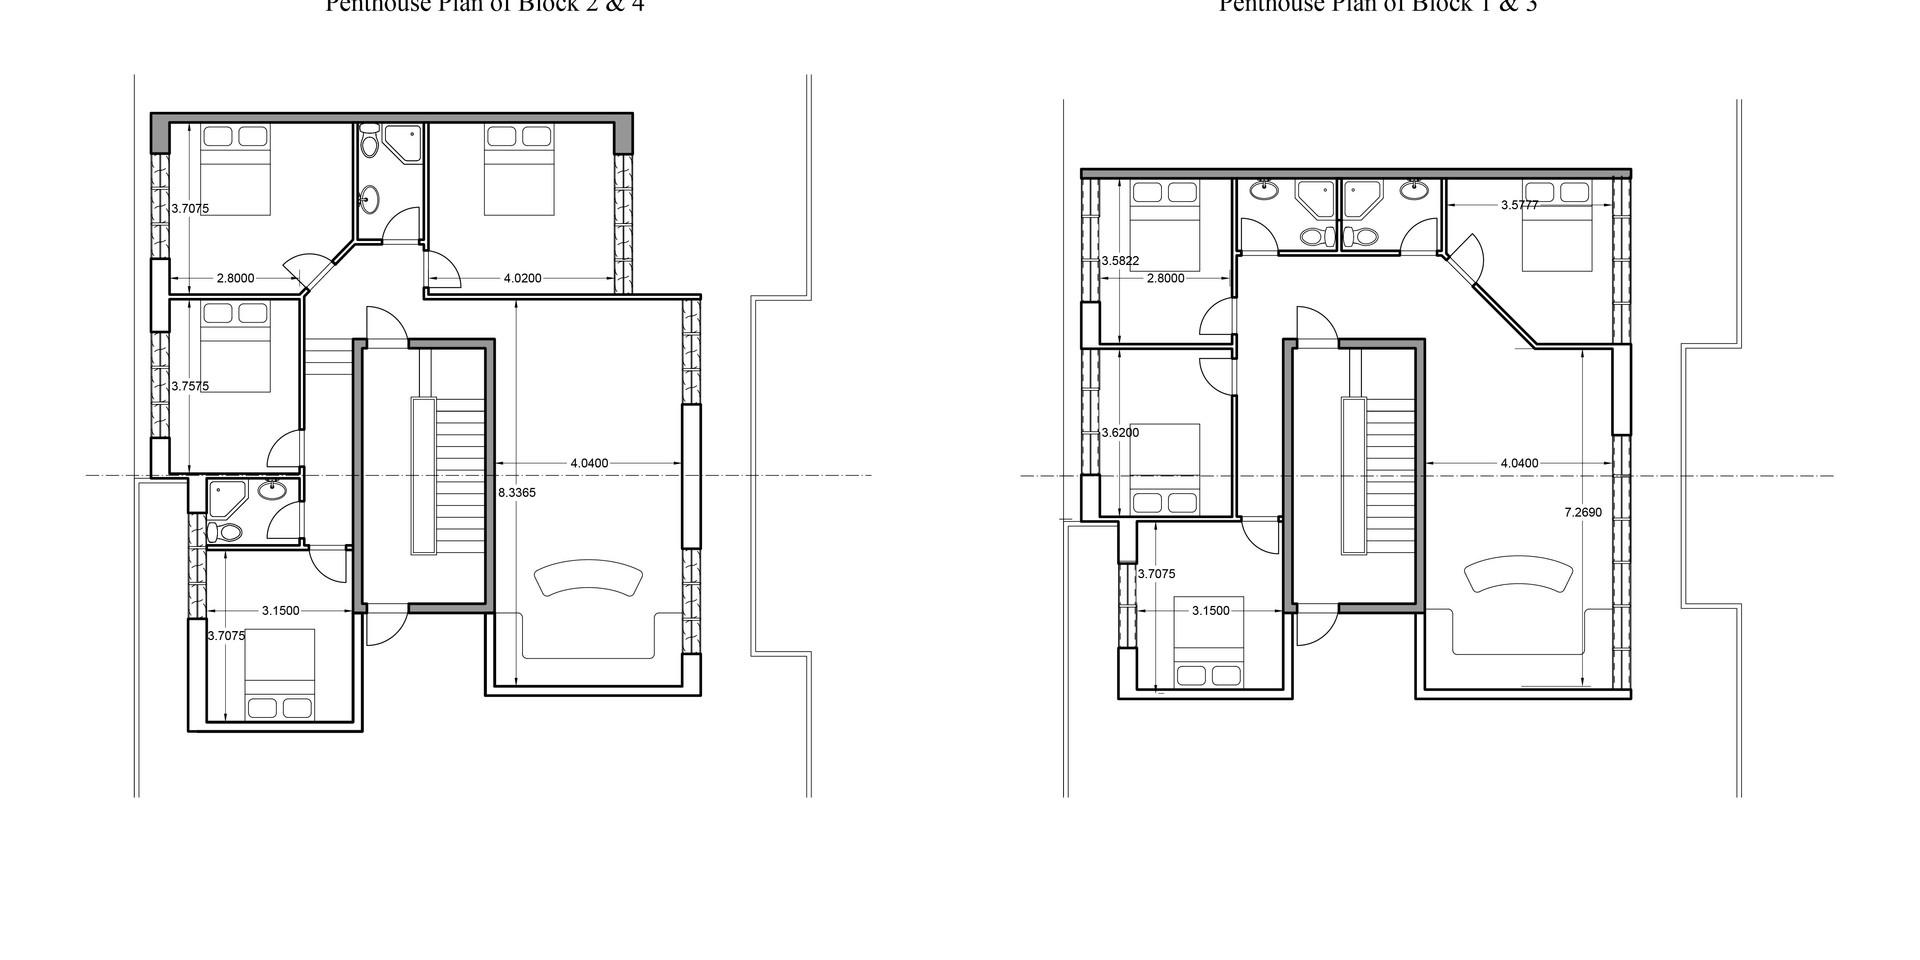 Ellebo Housing Renovation Penthouse Plan